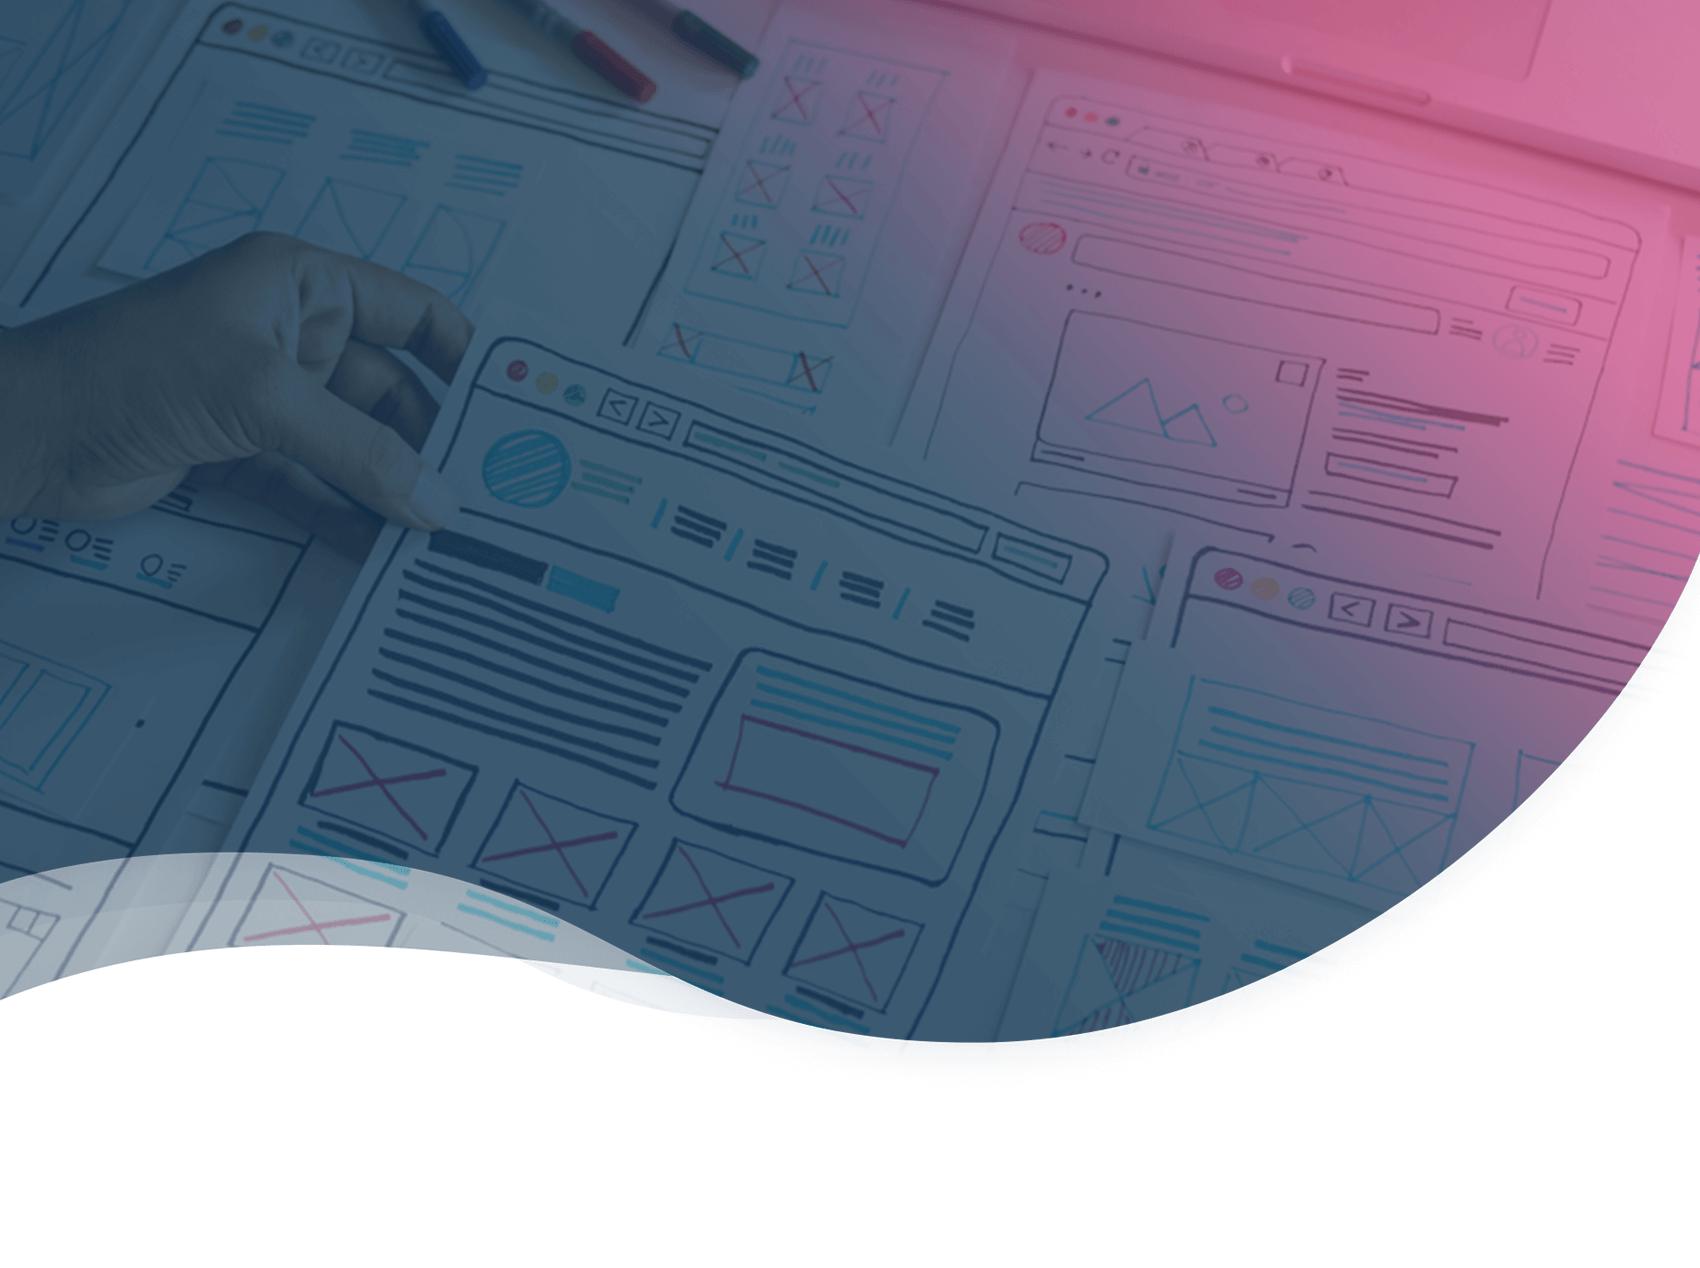 Boostez l'ergonomie de votre site web avec le zonig et wireframing